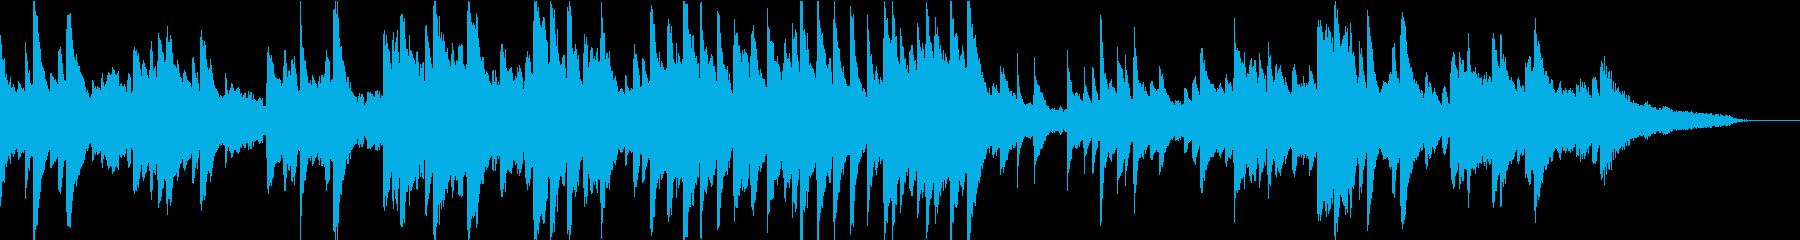 ピアノとフルートの昼休みっぽい音楽の再生済みの波形